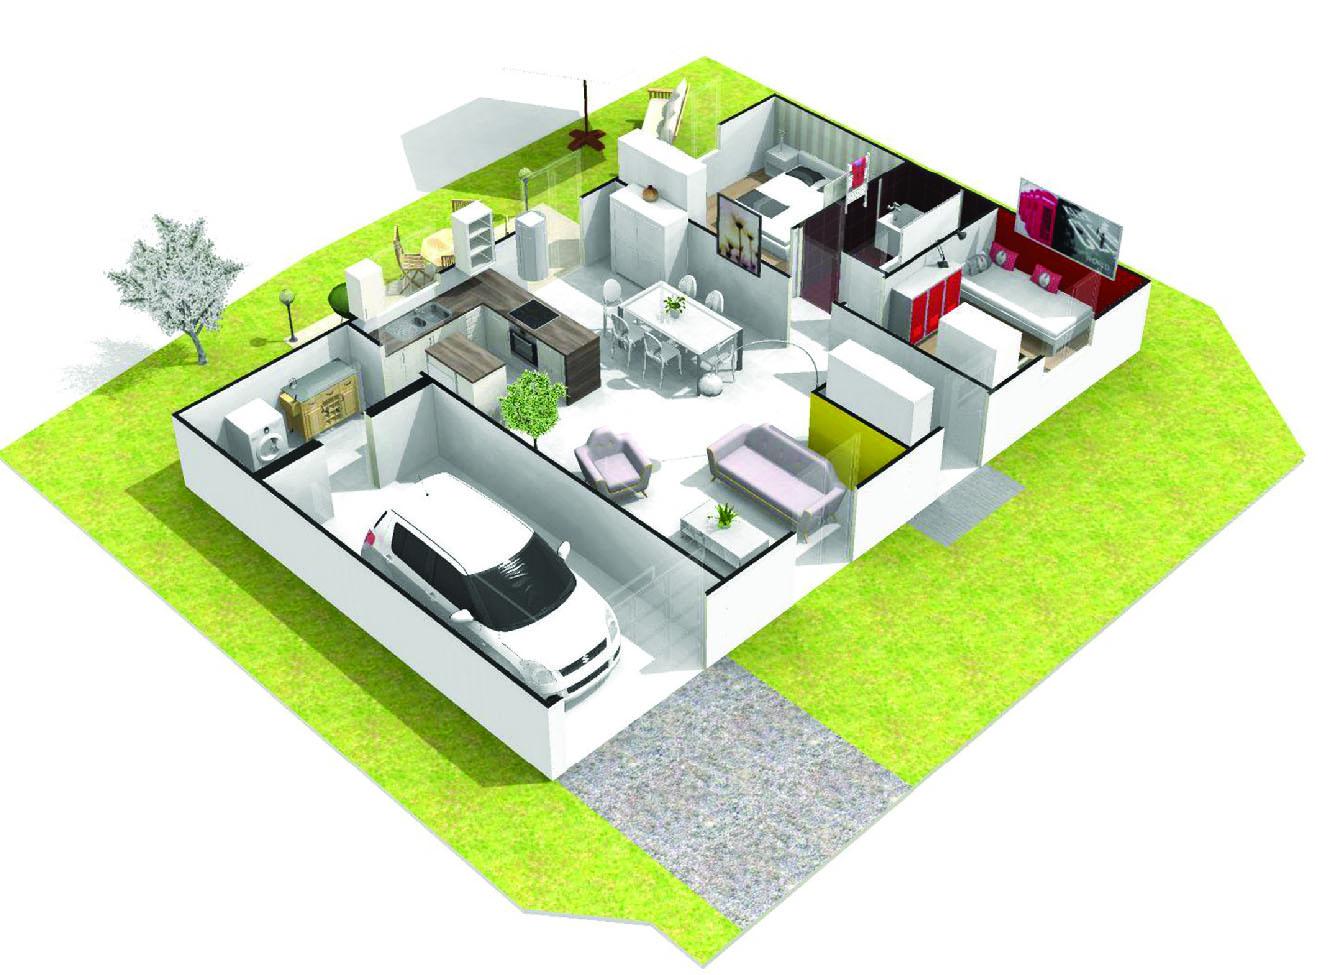 Maison 2 chambres plain pied agate logivelay for Construction maison plain pied 2 chambres